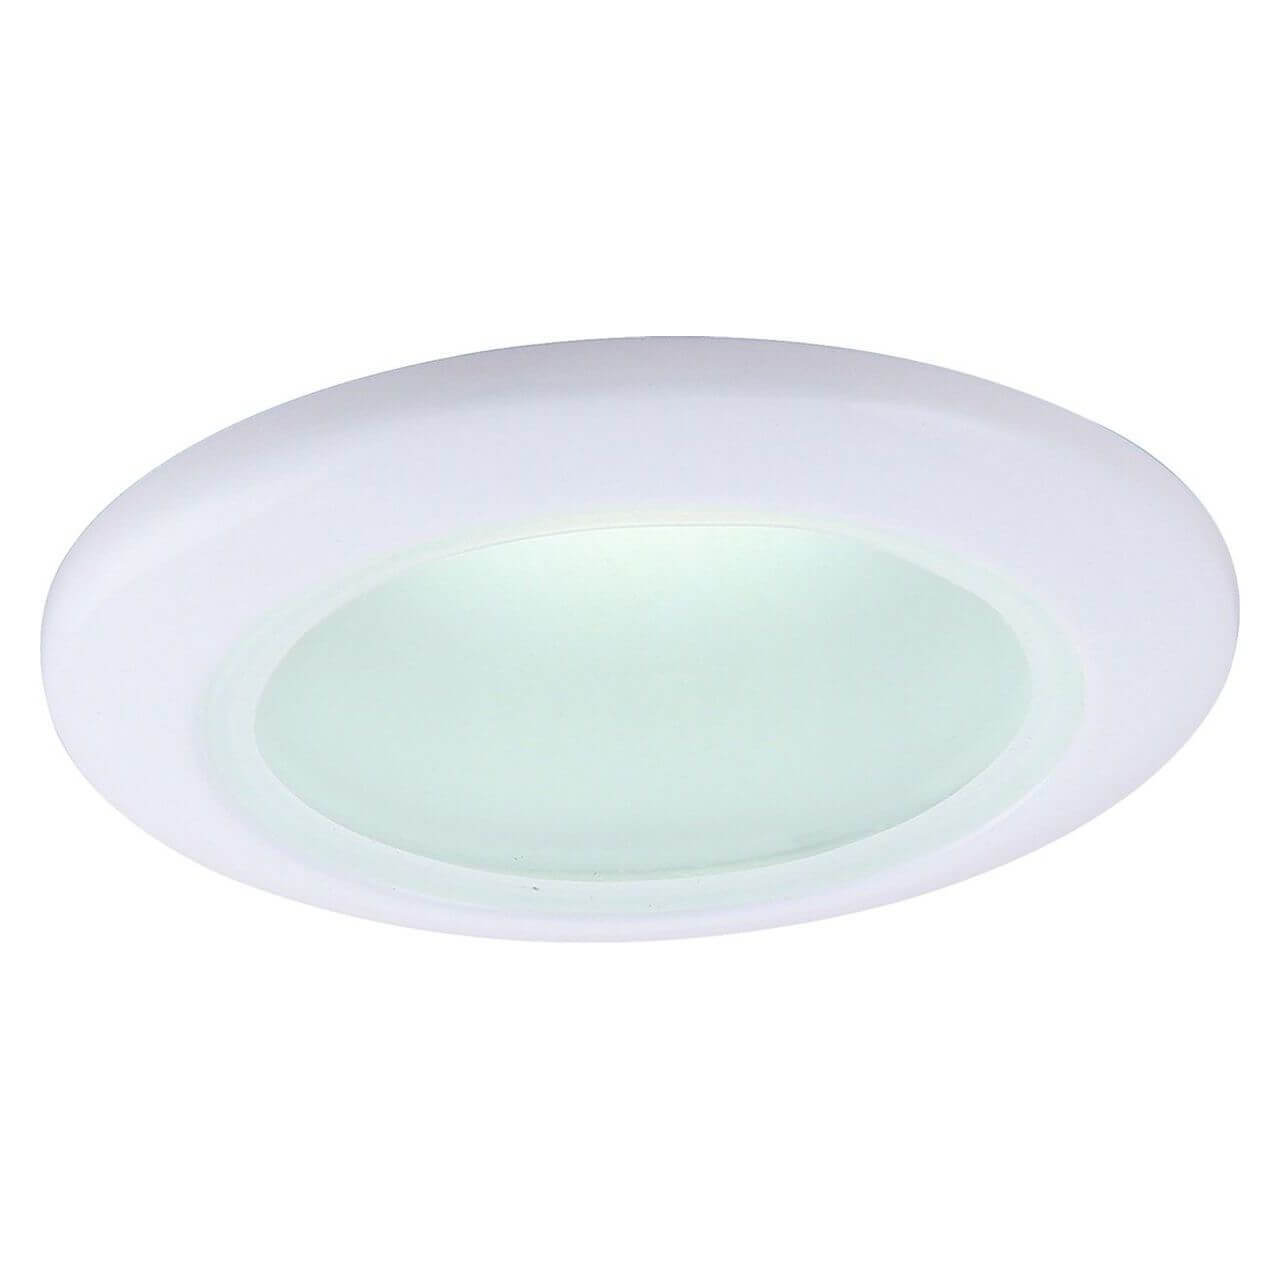 Светильник Arte Lamp A2024PL-1WH Aqua arte lamp встраиваемый светильник aqua a2024pl 1wh